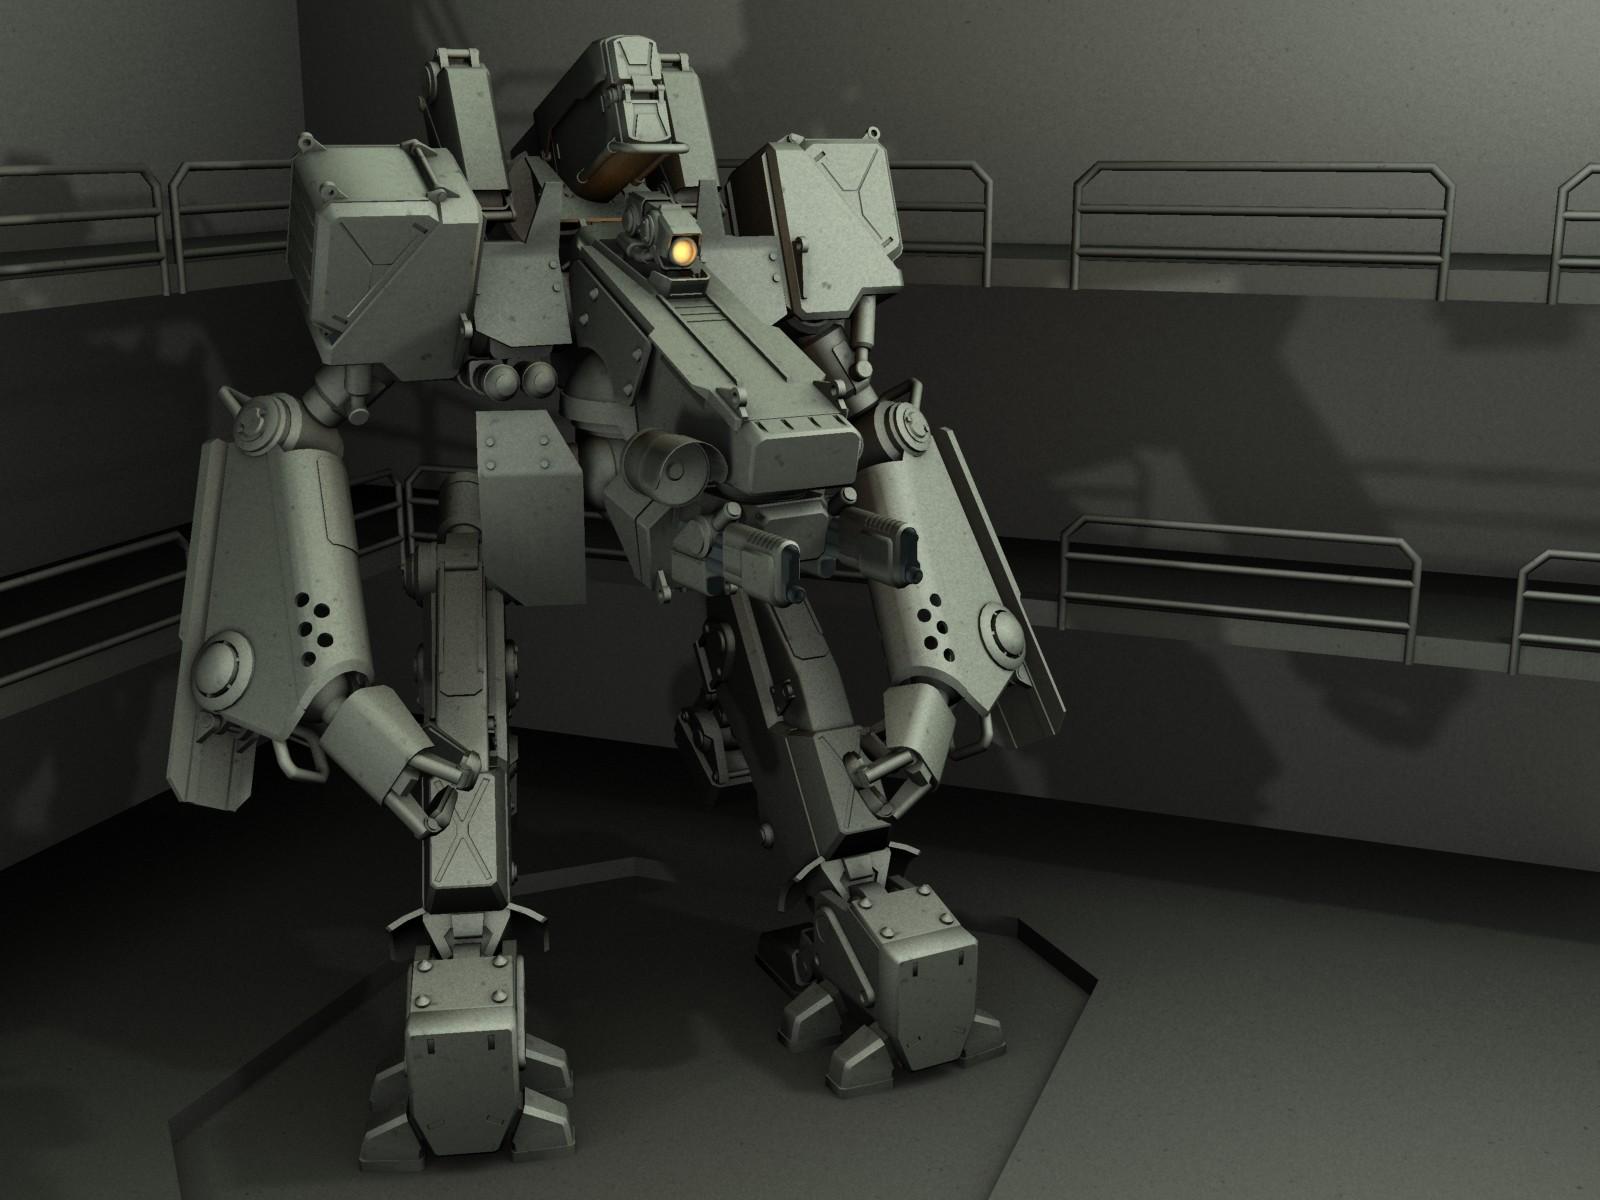 Base model, done in Max.